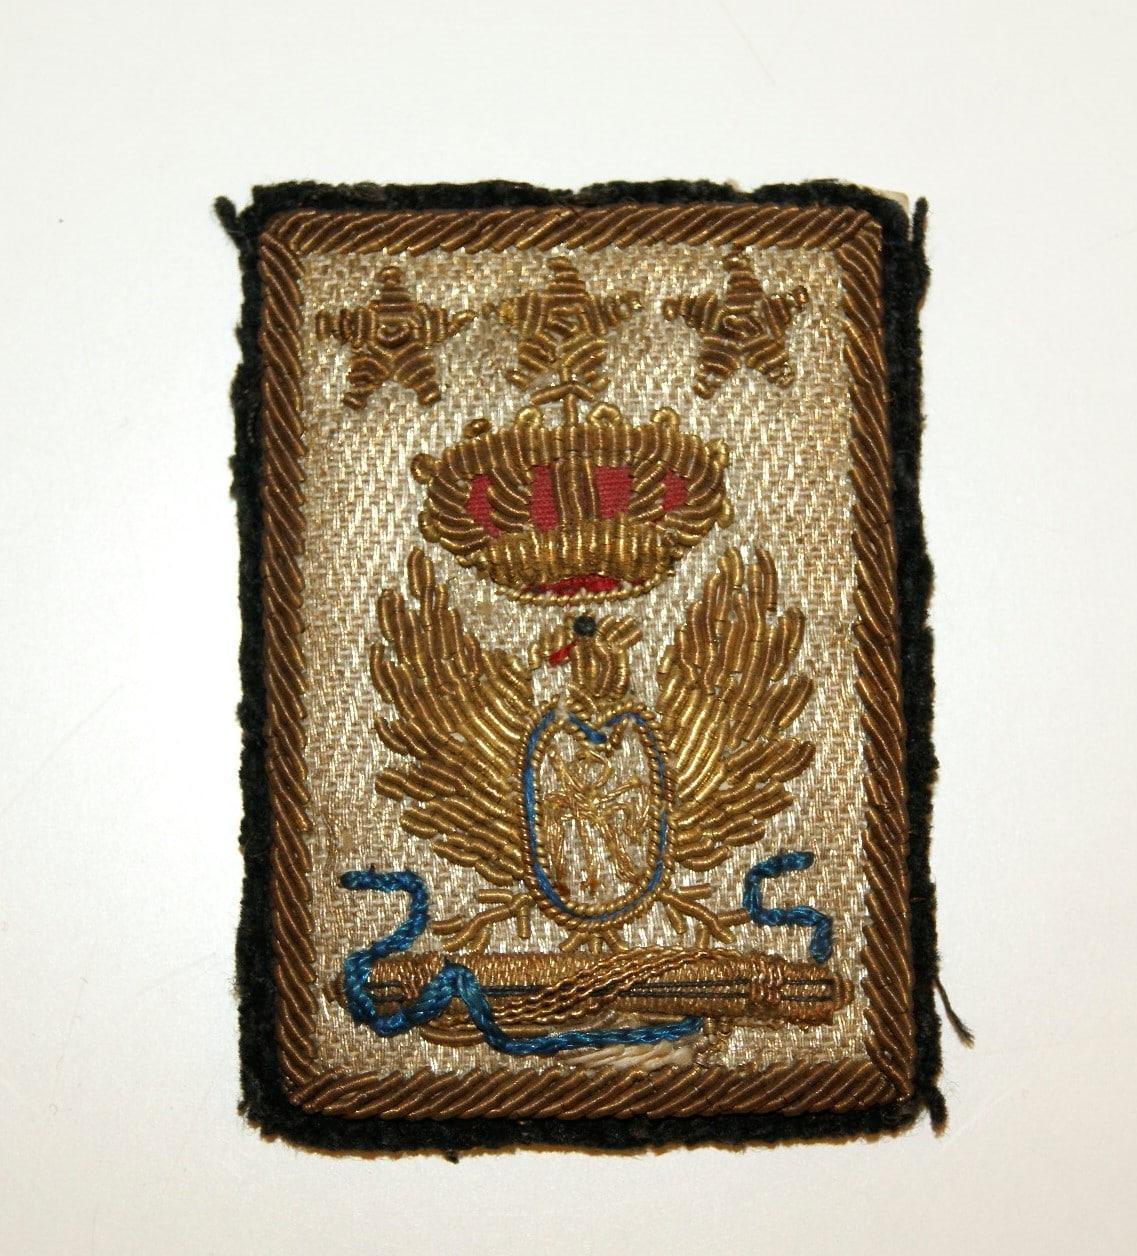 Distintivo da dirigente nazionale dell'associazione arma di cavalleria